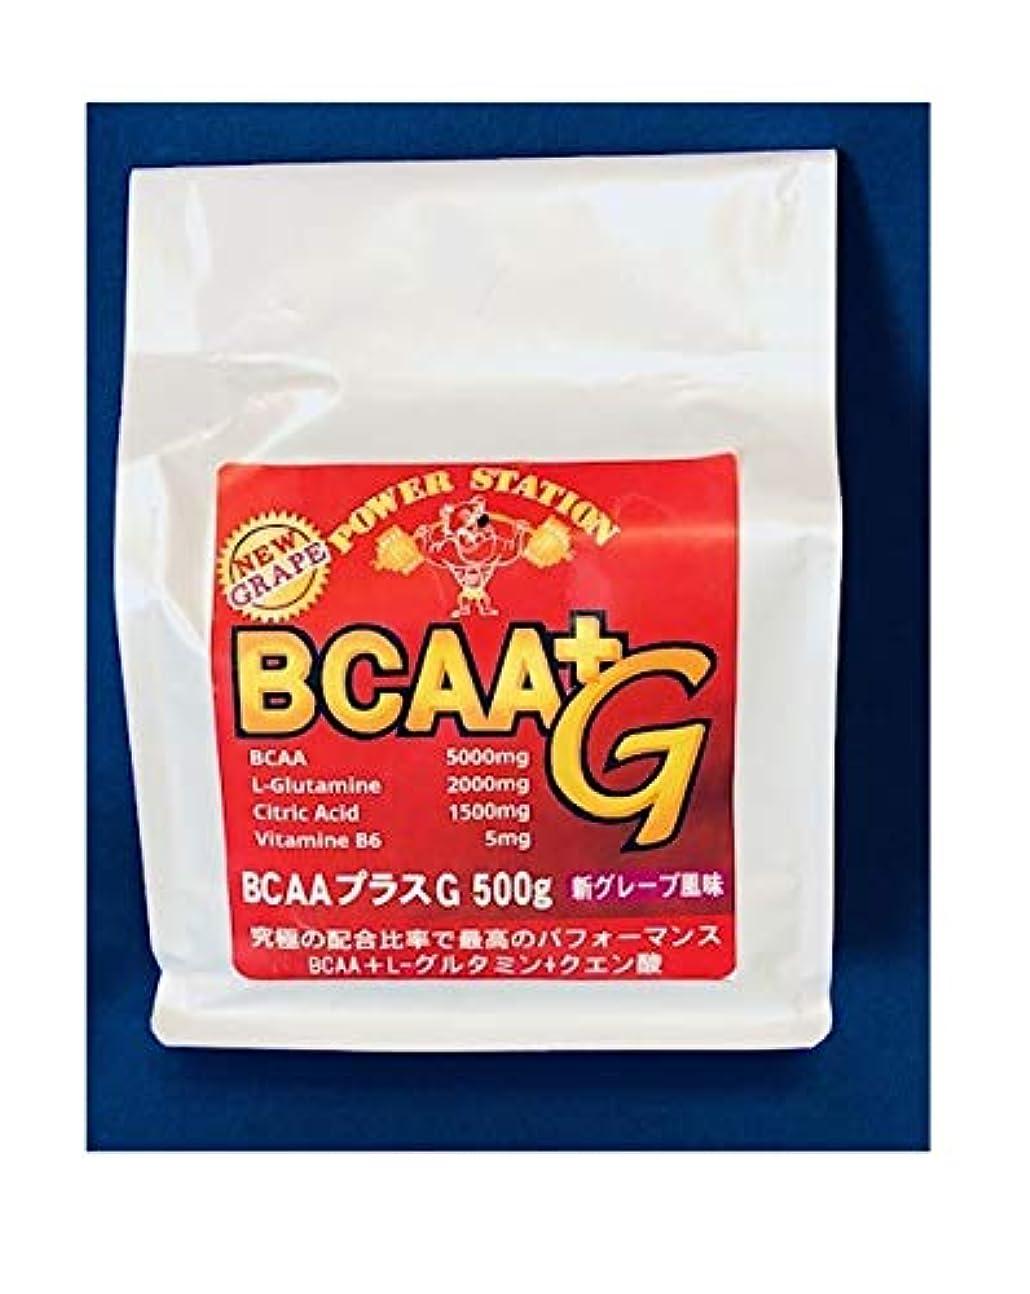 パワースティションBCAAグルタミンクエン酸パウダー500g